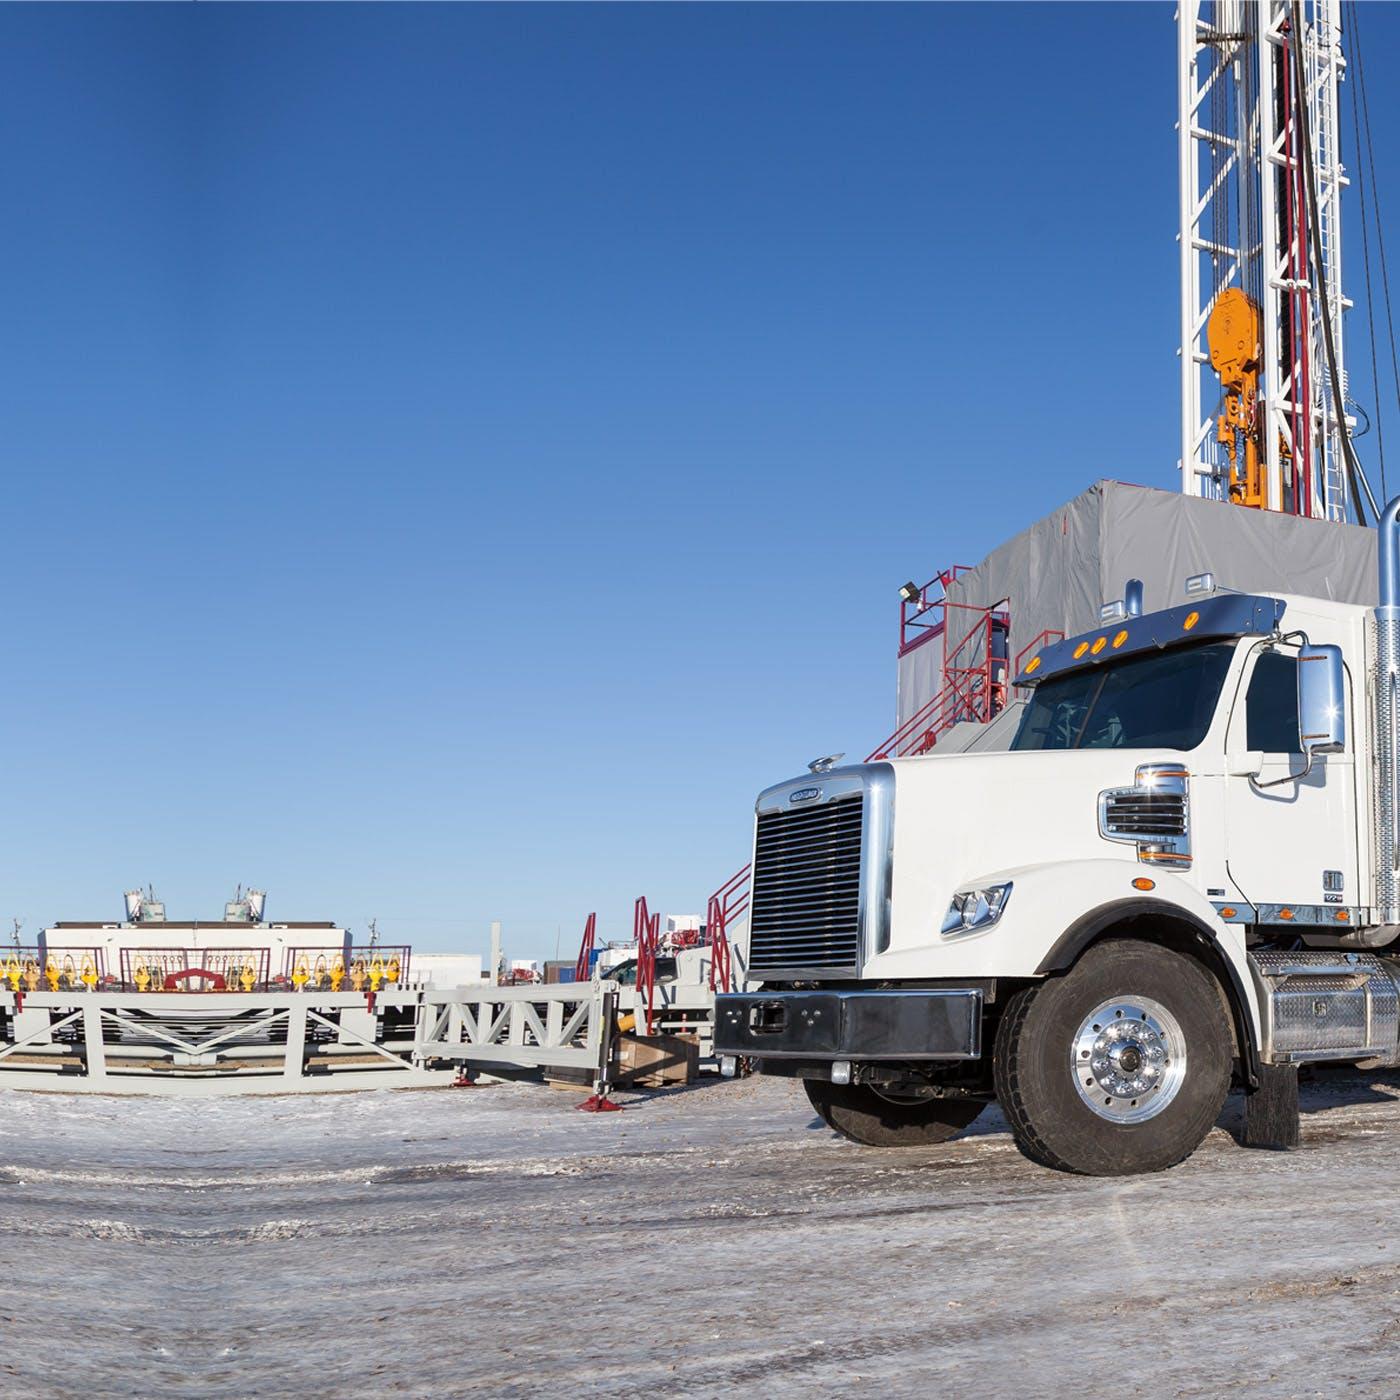 122sd-oil-gas-1400x1400.jpg